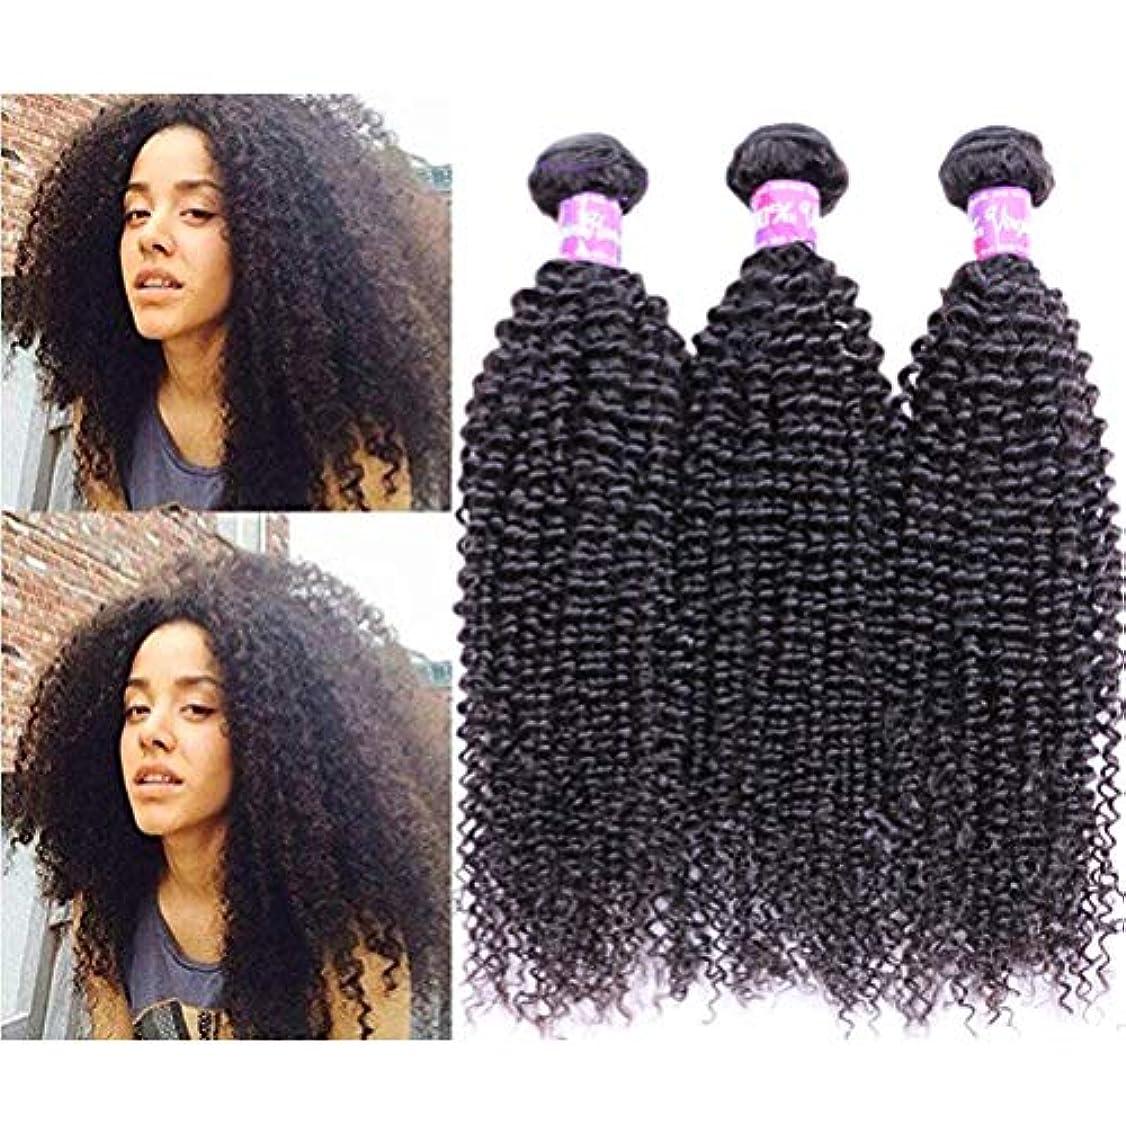 温かいアクセルマチュピチュ女性の髪織り未処理のブラジルの深い巻き毛の束本物の人間の髪の束バージンブラジルの髪の束